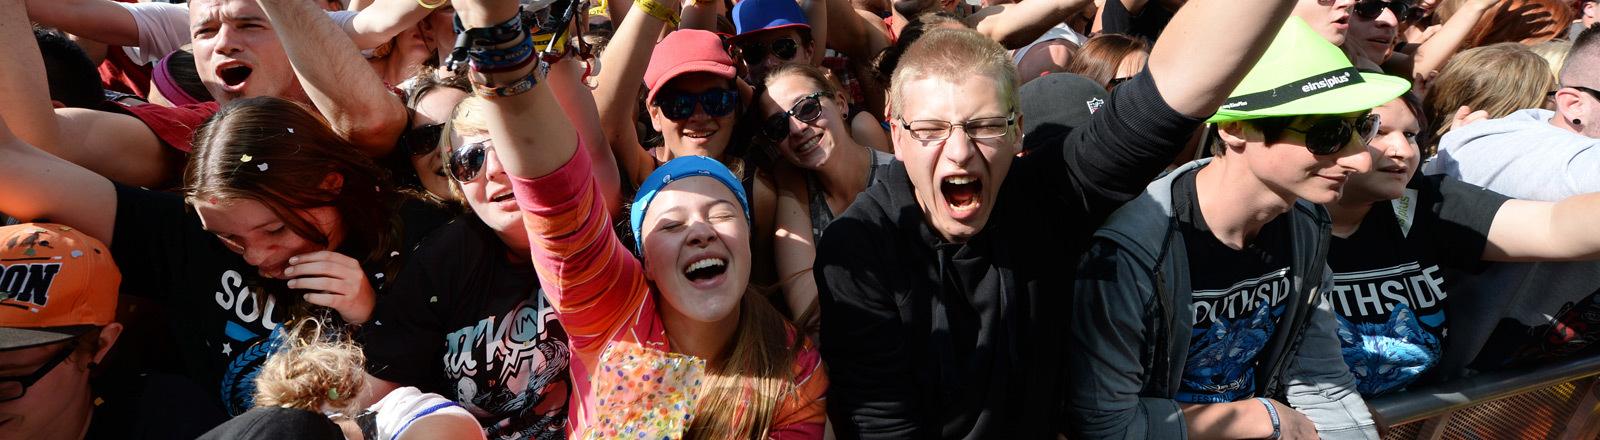 Publikum auf einem Festival.